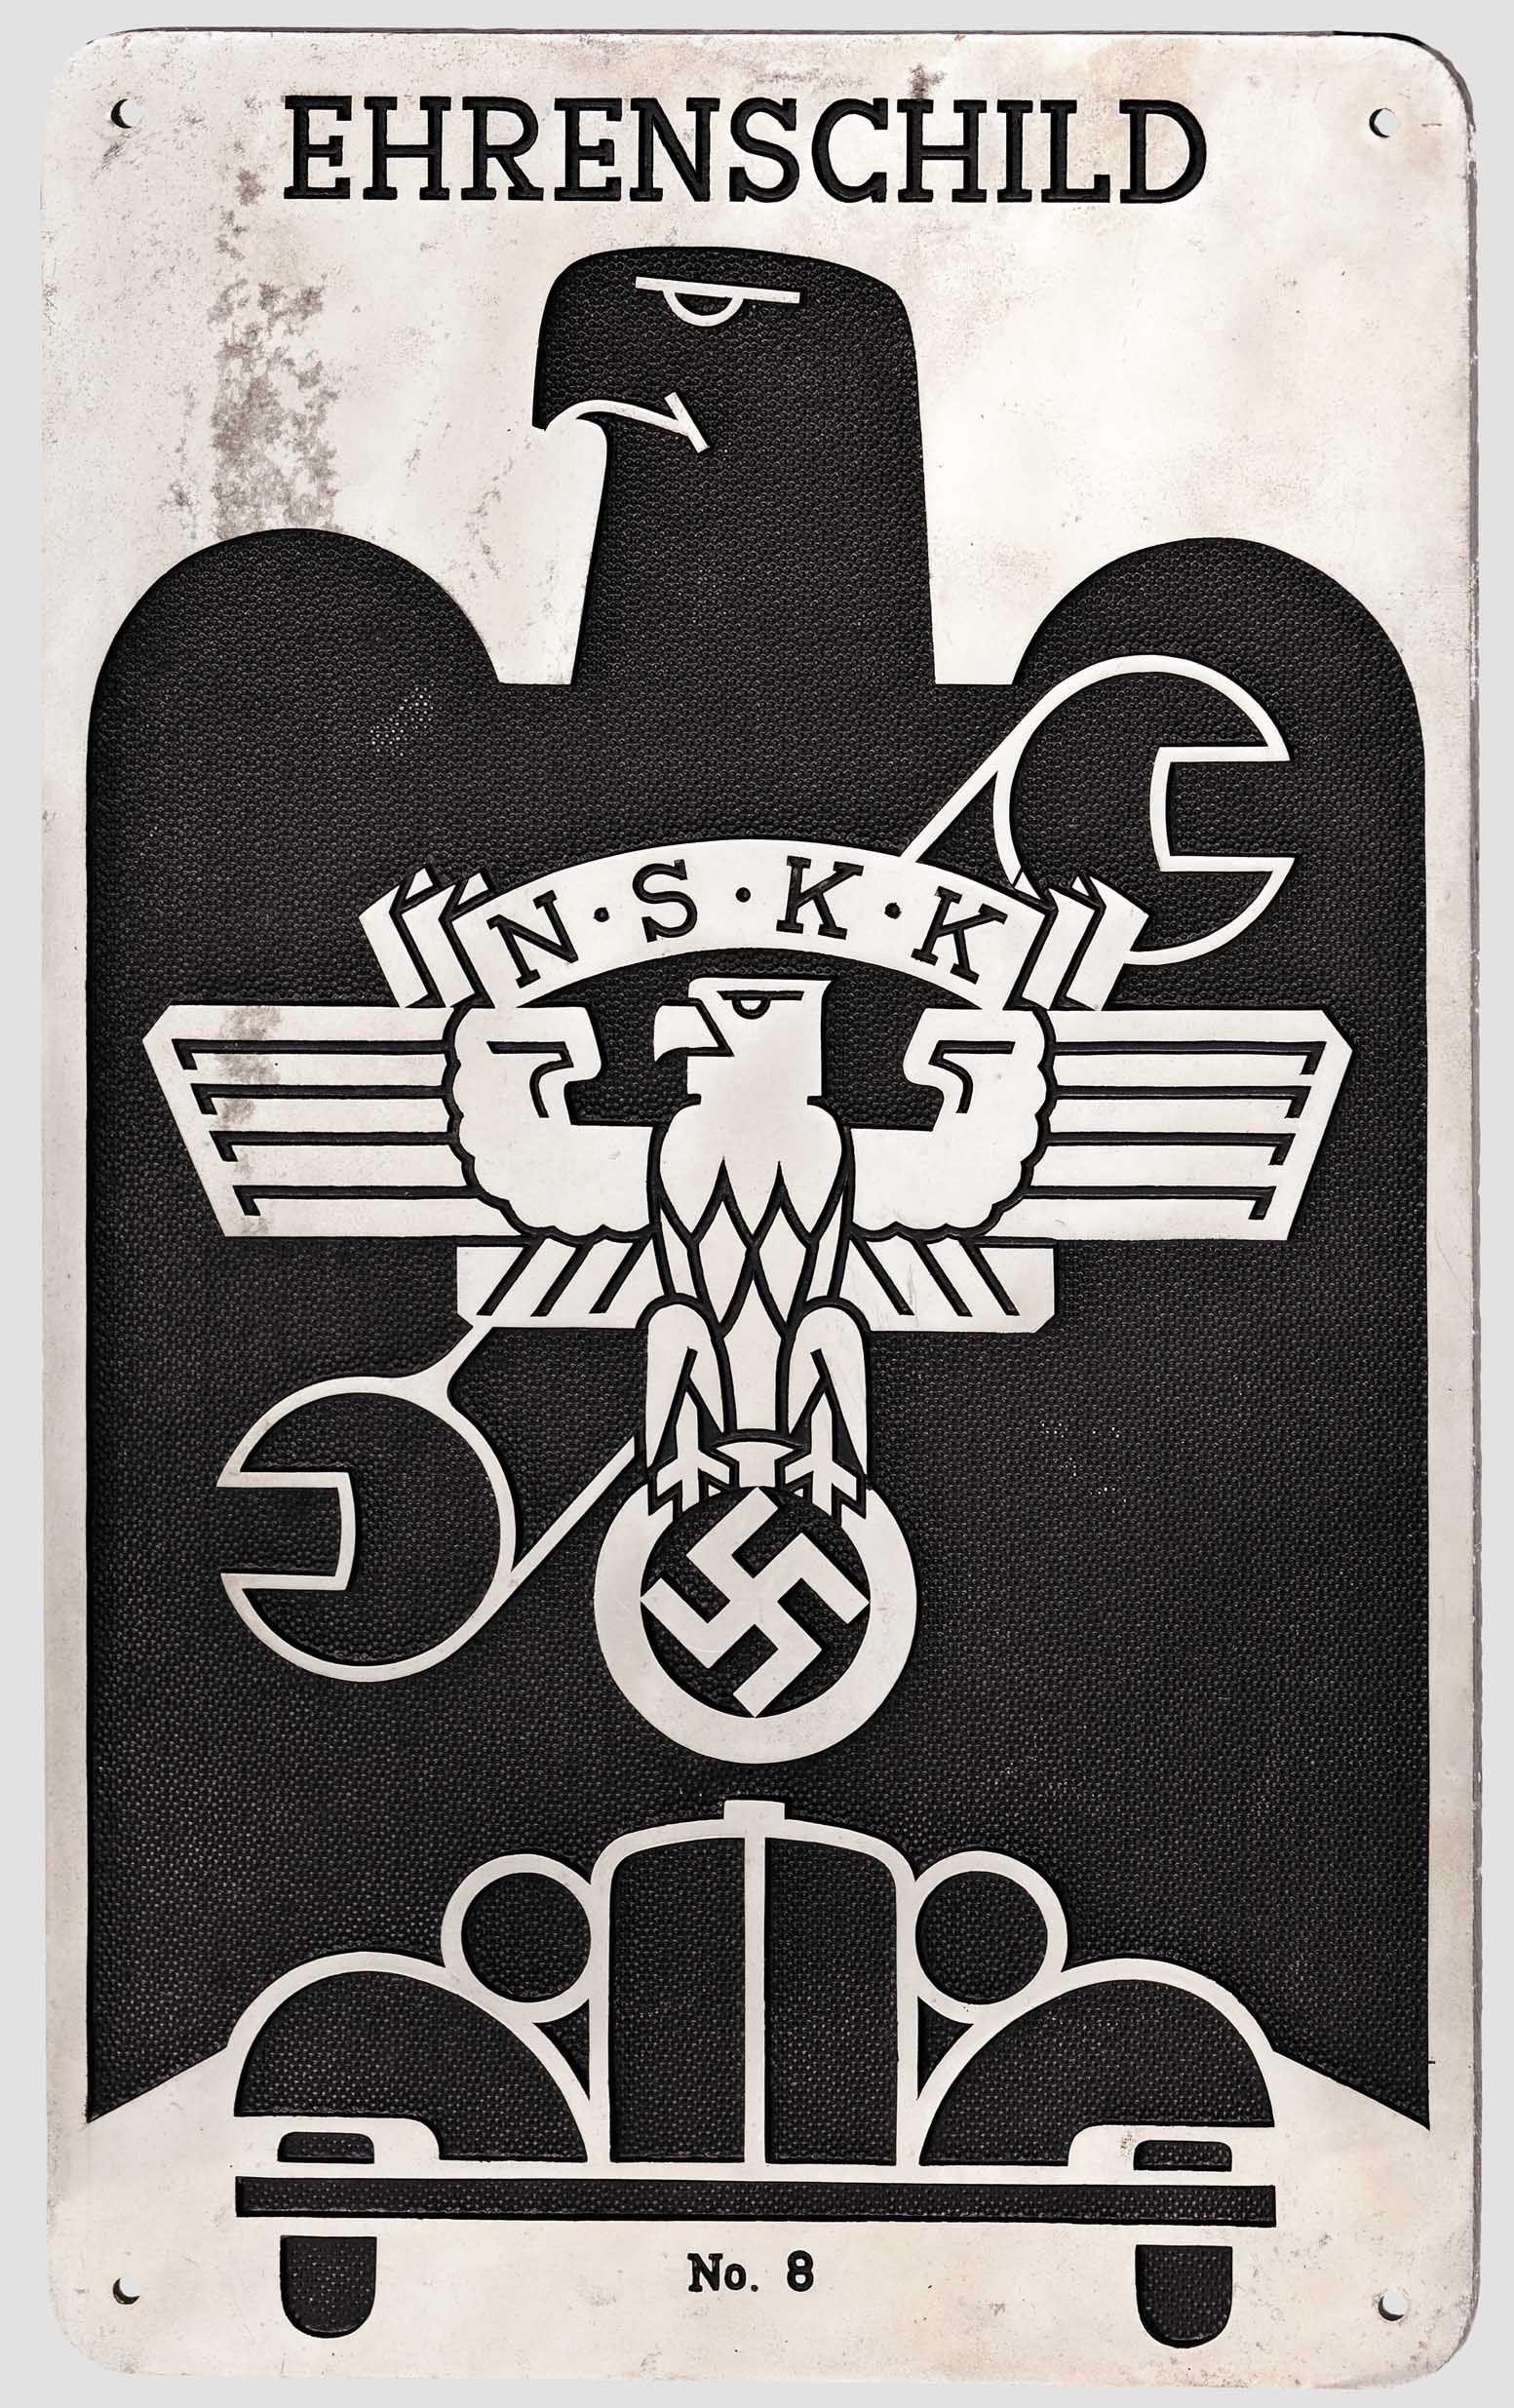 NSKK Ehrenschild | Ilustrationen 2 WLK Diagramme | Pinterest | Ww2 ...